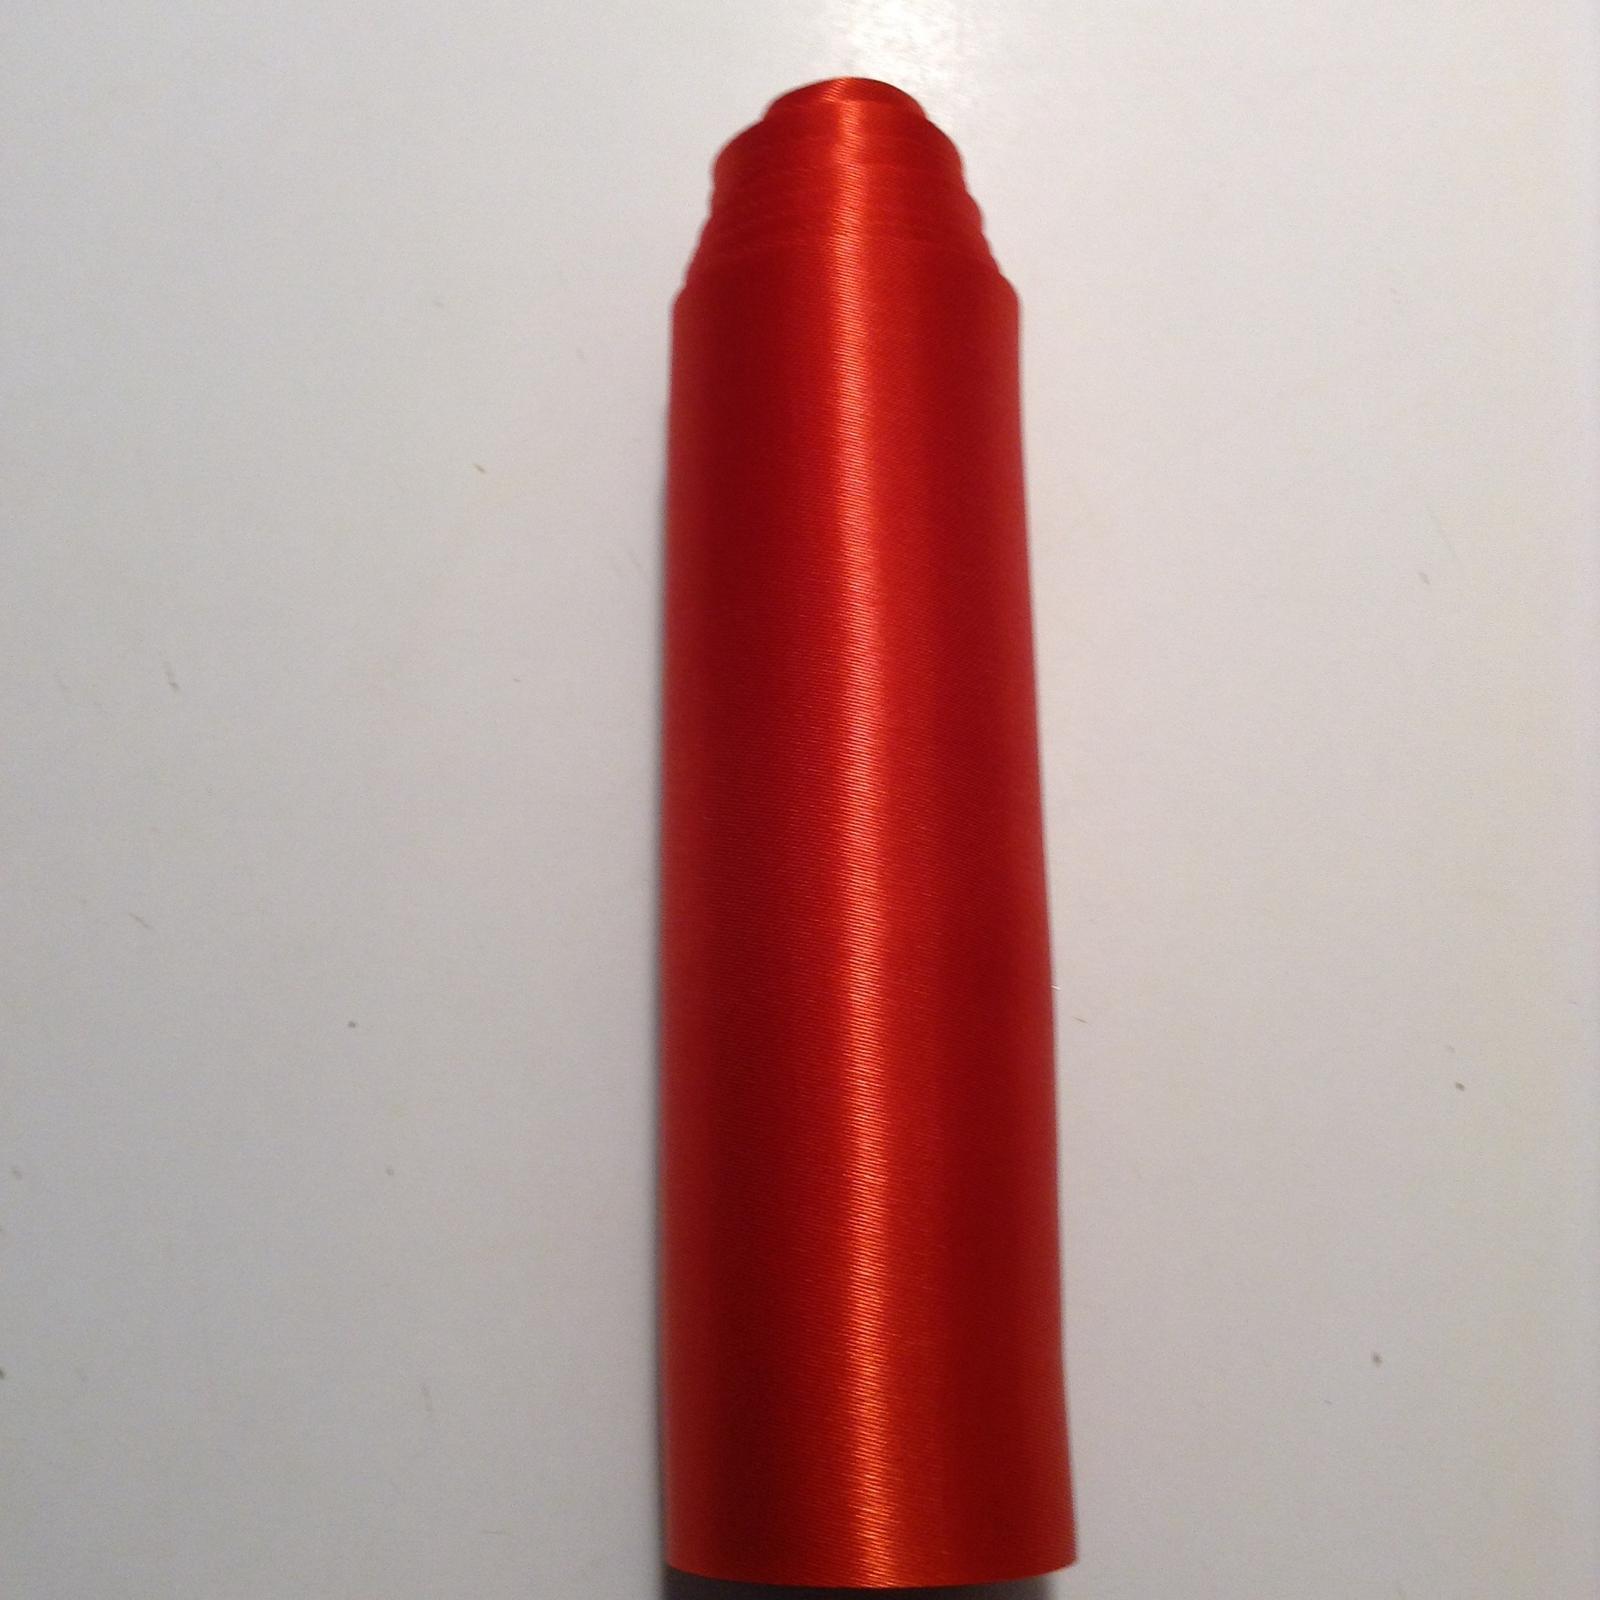 saténová stuha červená - Obrázok č. 1